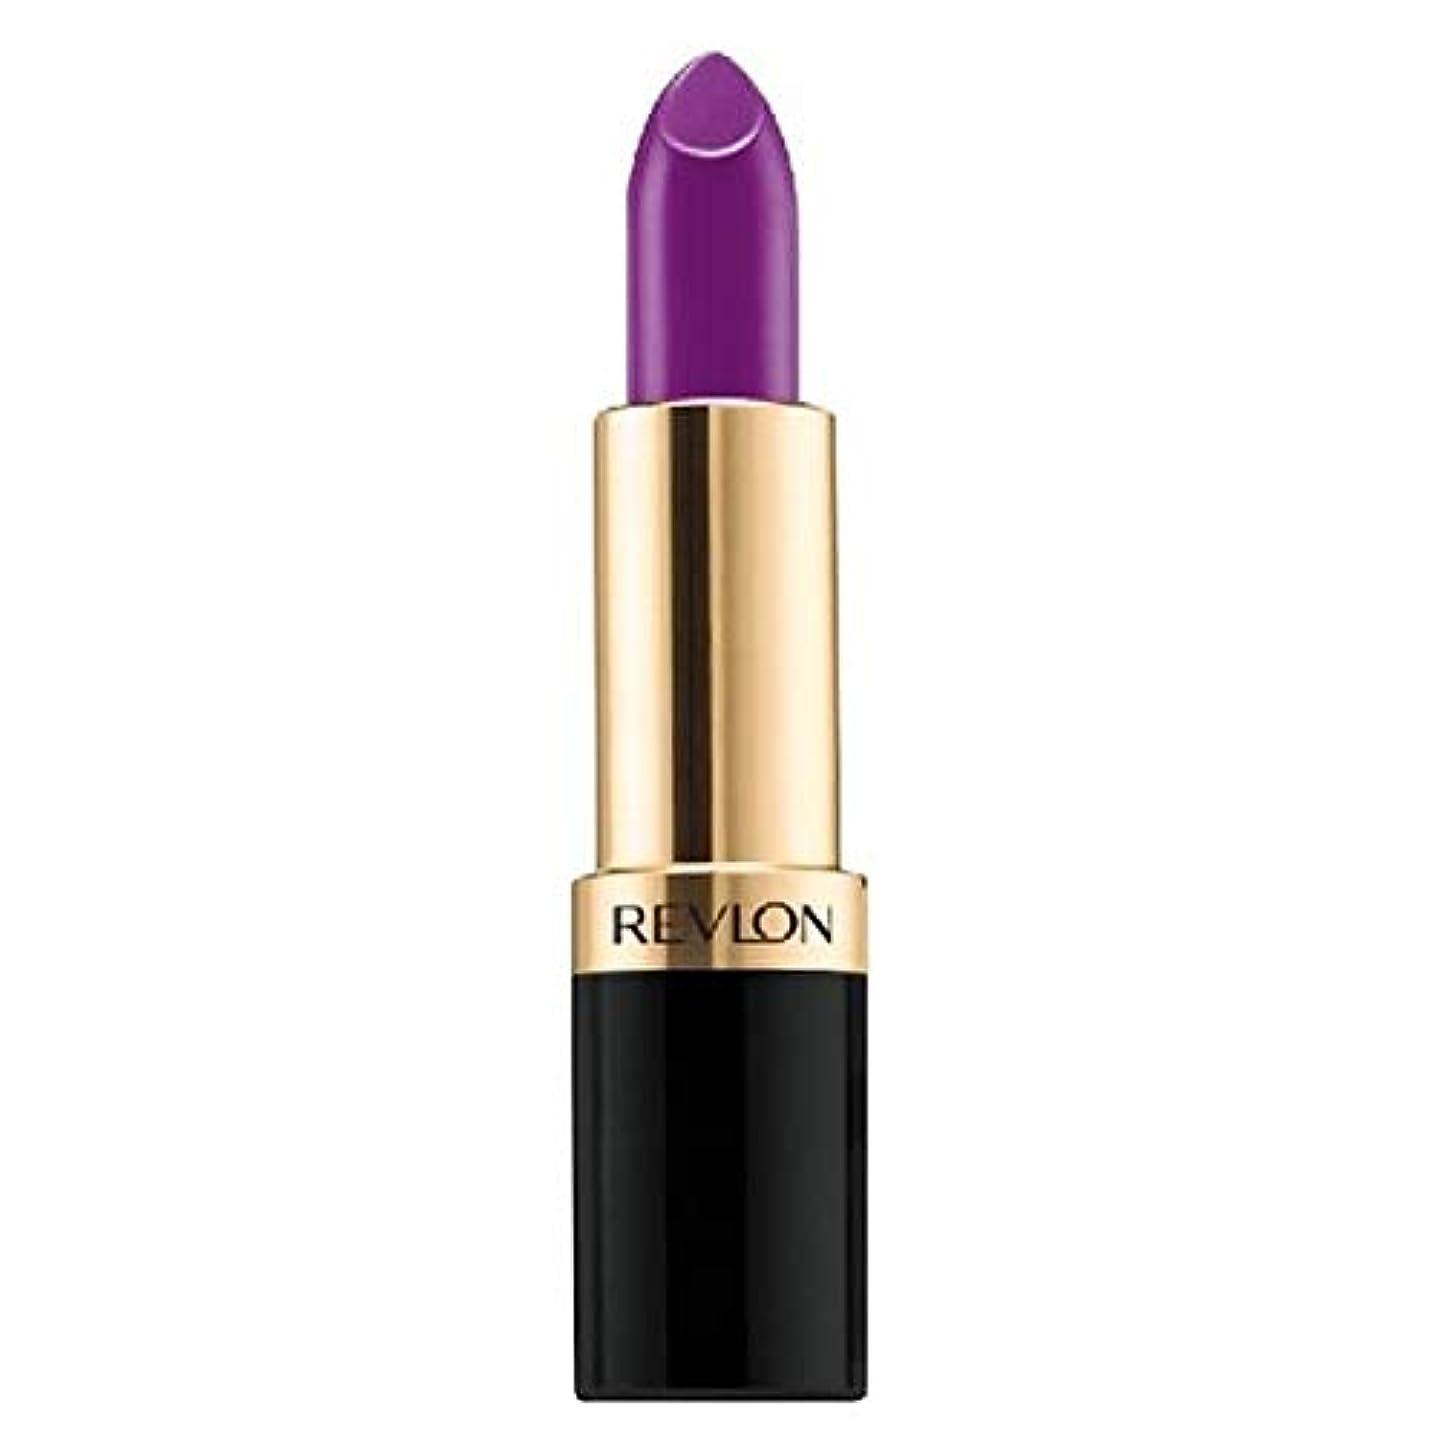 舗装するコンペ慢性的[Revlon ] レブロンSuperlustrousマット口紅紫のオーラ4.2グラム - Revlon Superlustrous Matte Lipstick Purple Aura 4.2g [並行輸入品]